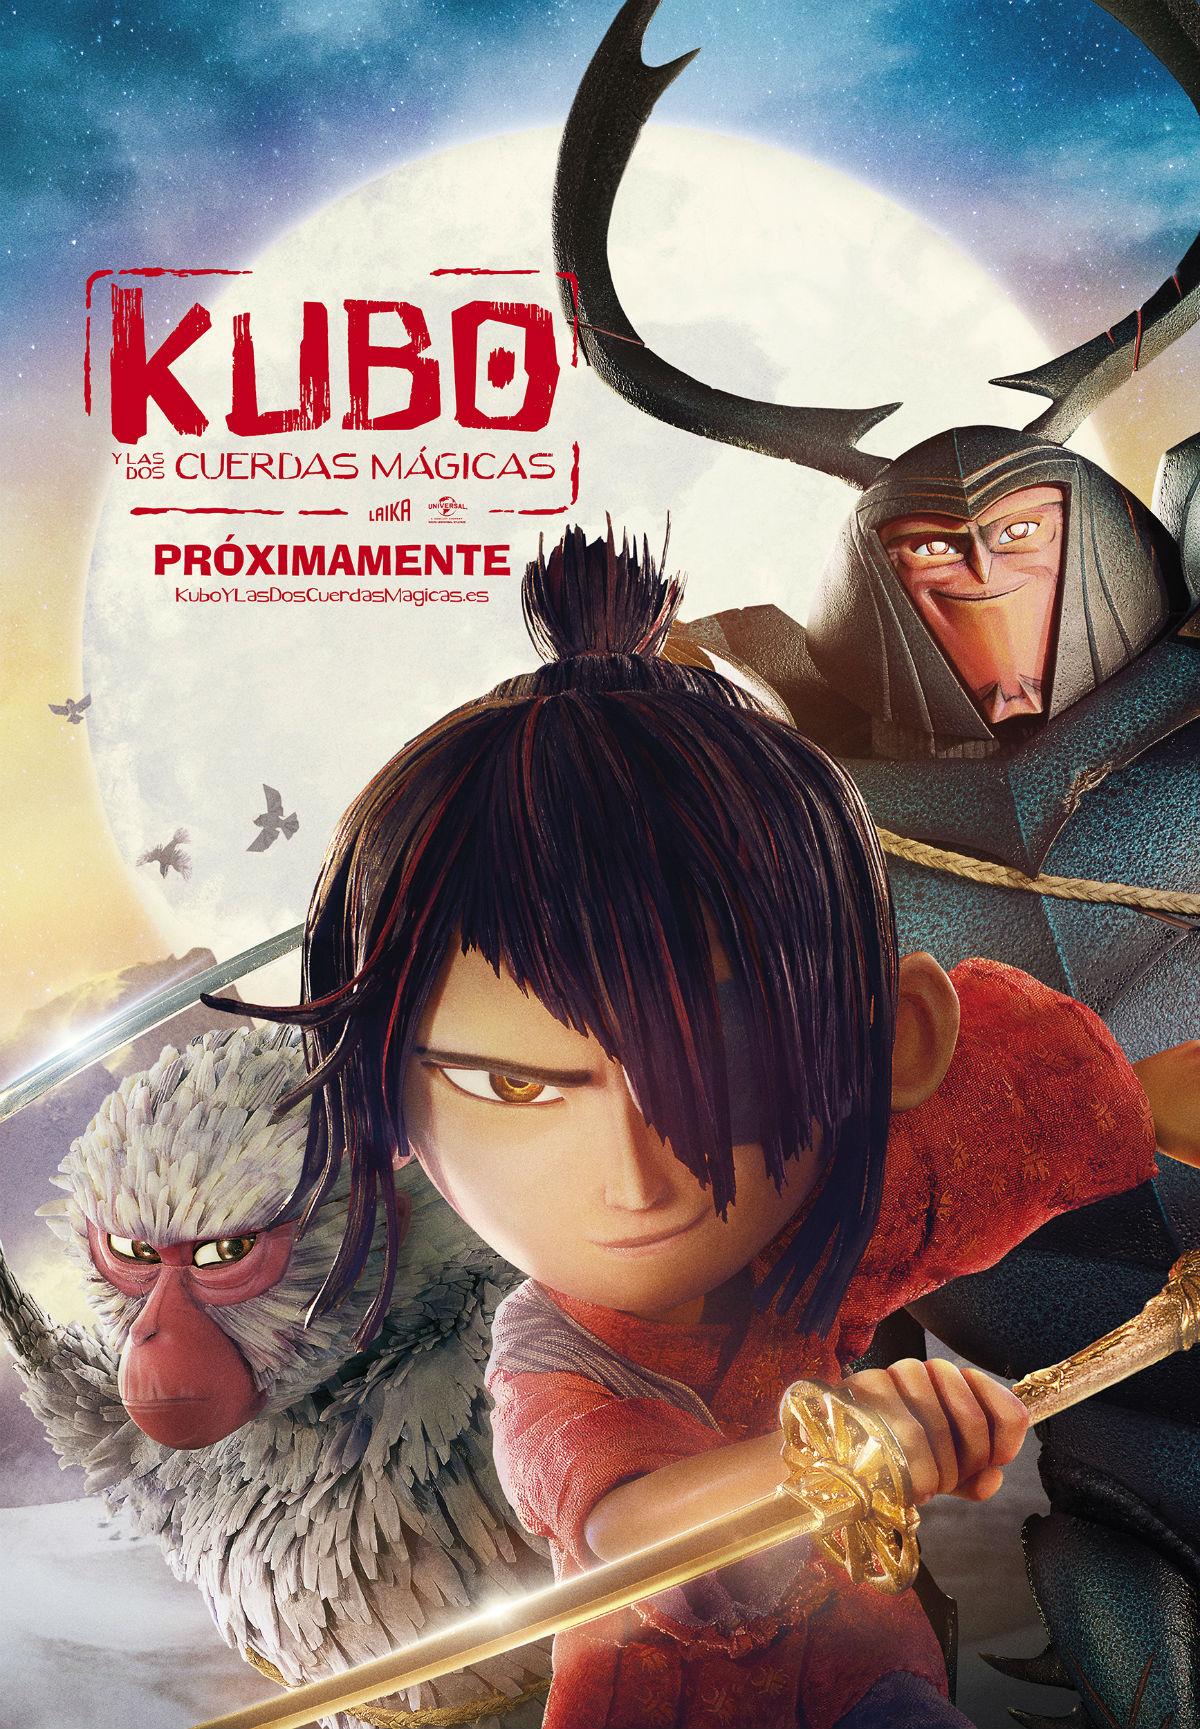 Kubo y las dos cuerdas magicas Cartel